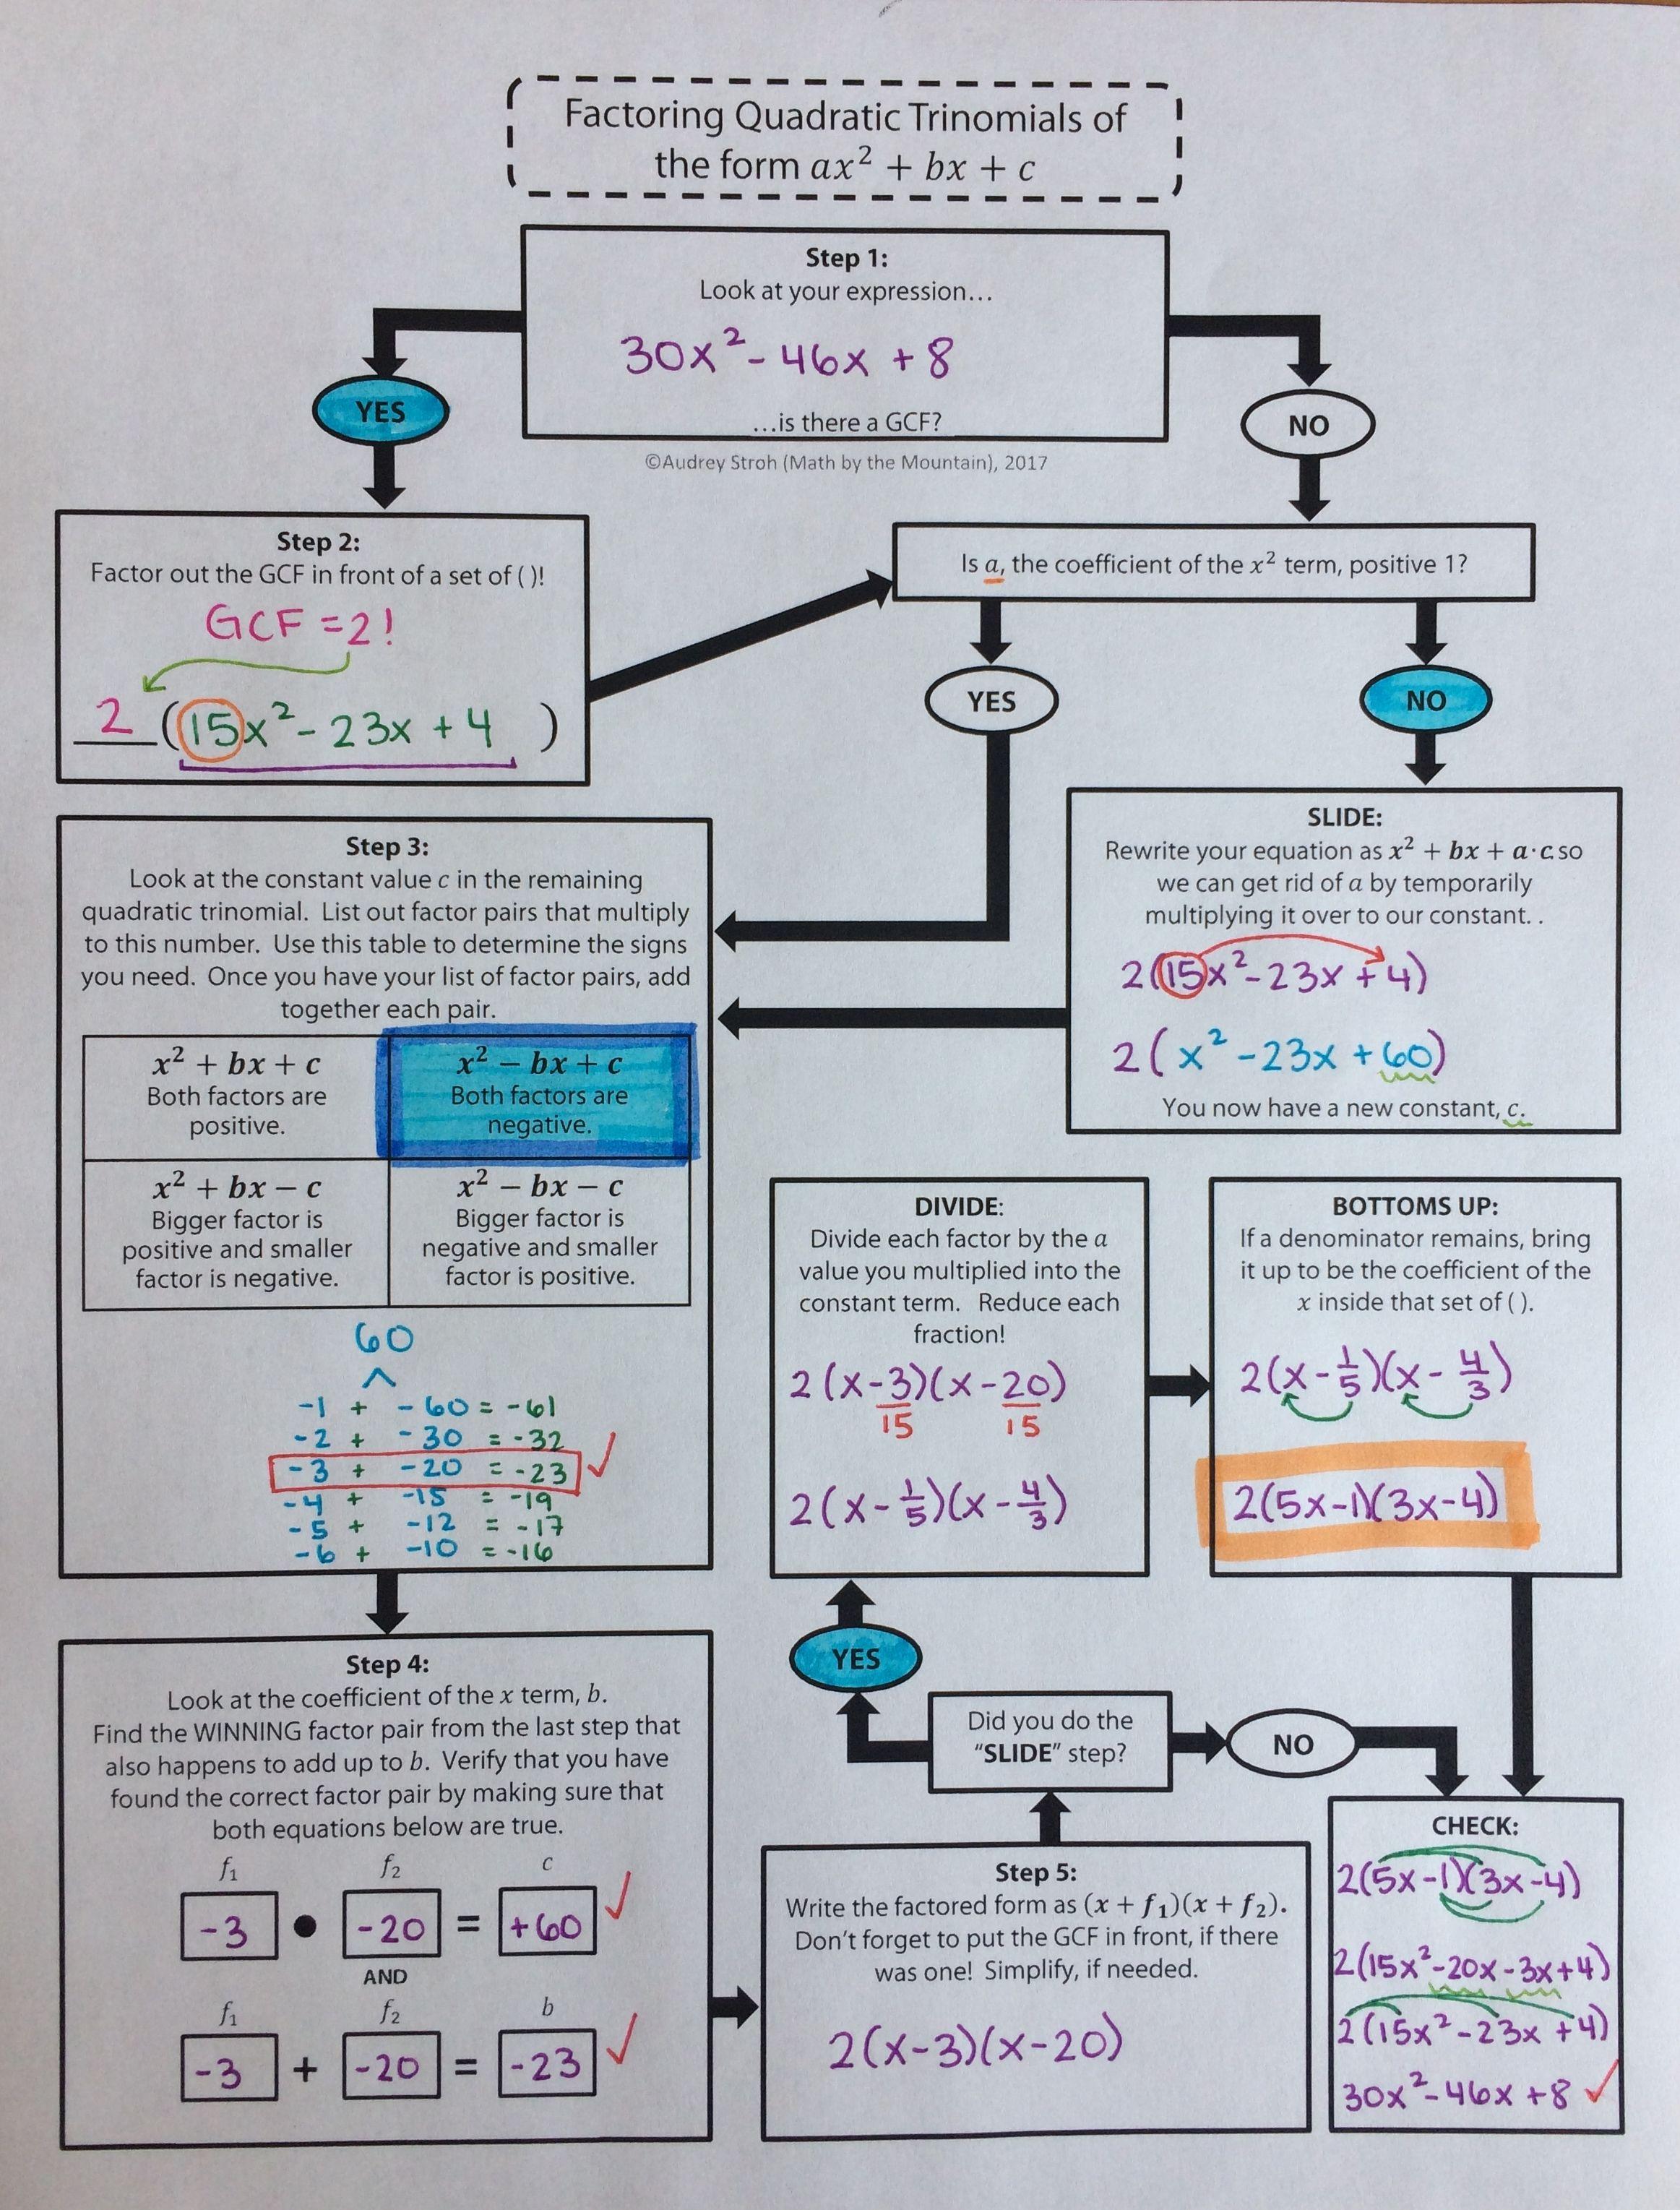 Factoring Quadratic Trinomials Flowchart Graphic